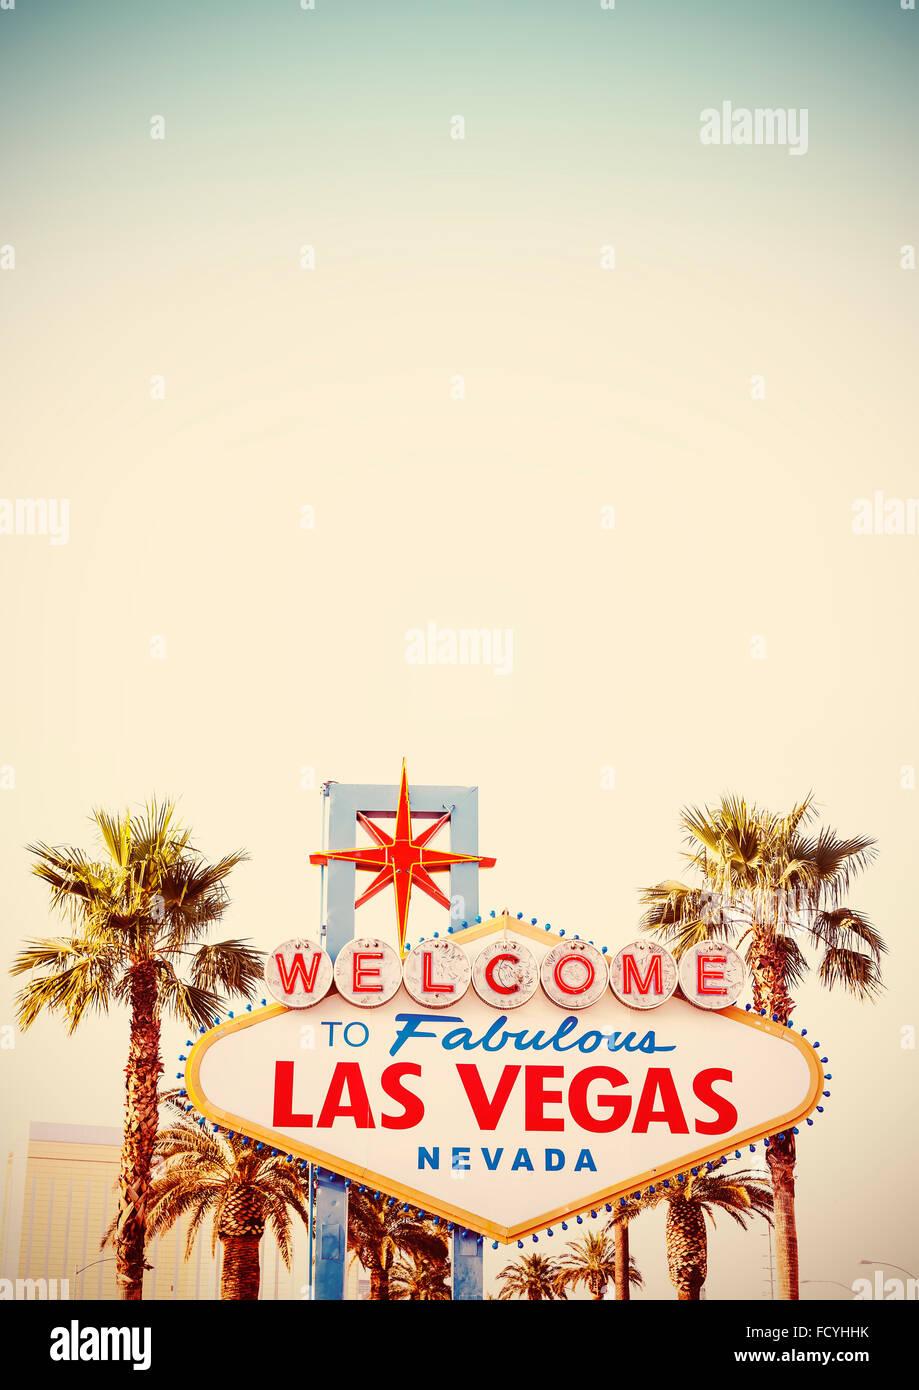 Retrò stilizzata Benvenuti a Las Vegas segno con copia spazio. Immagini Stock